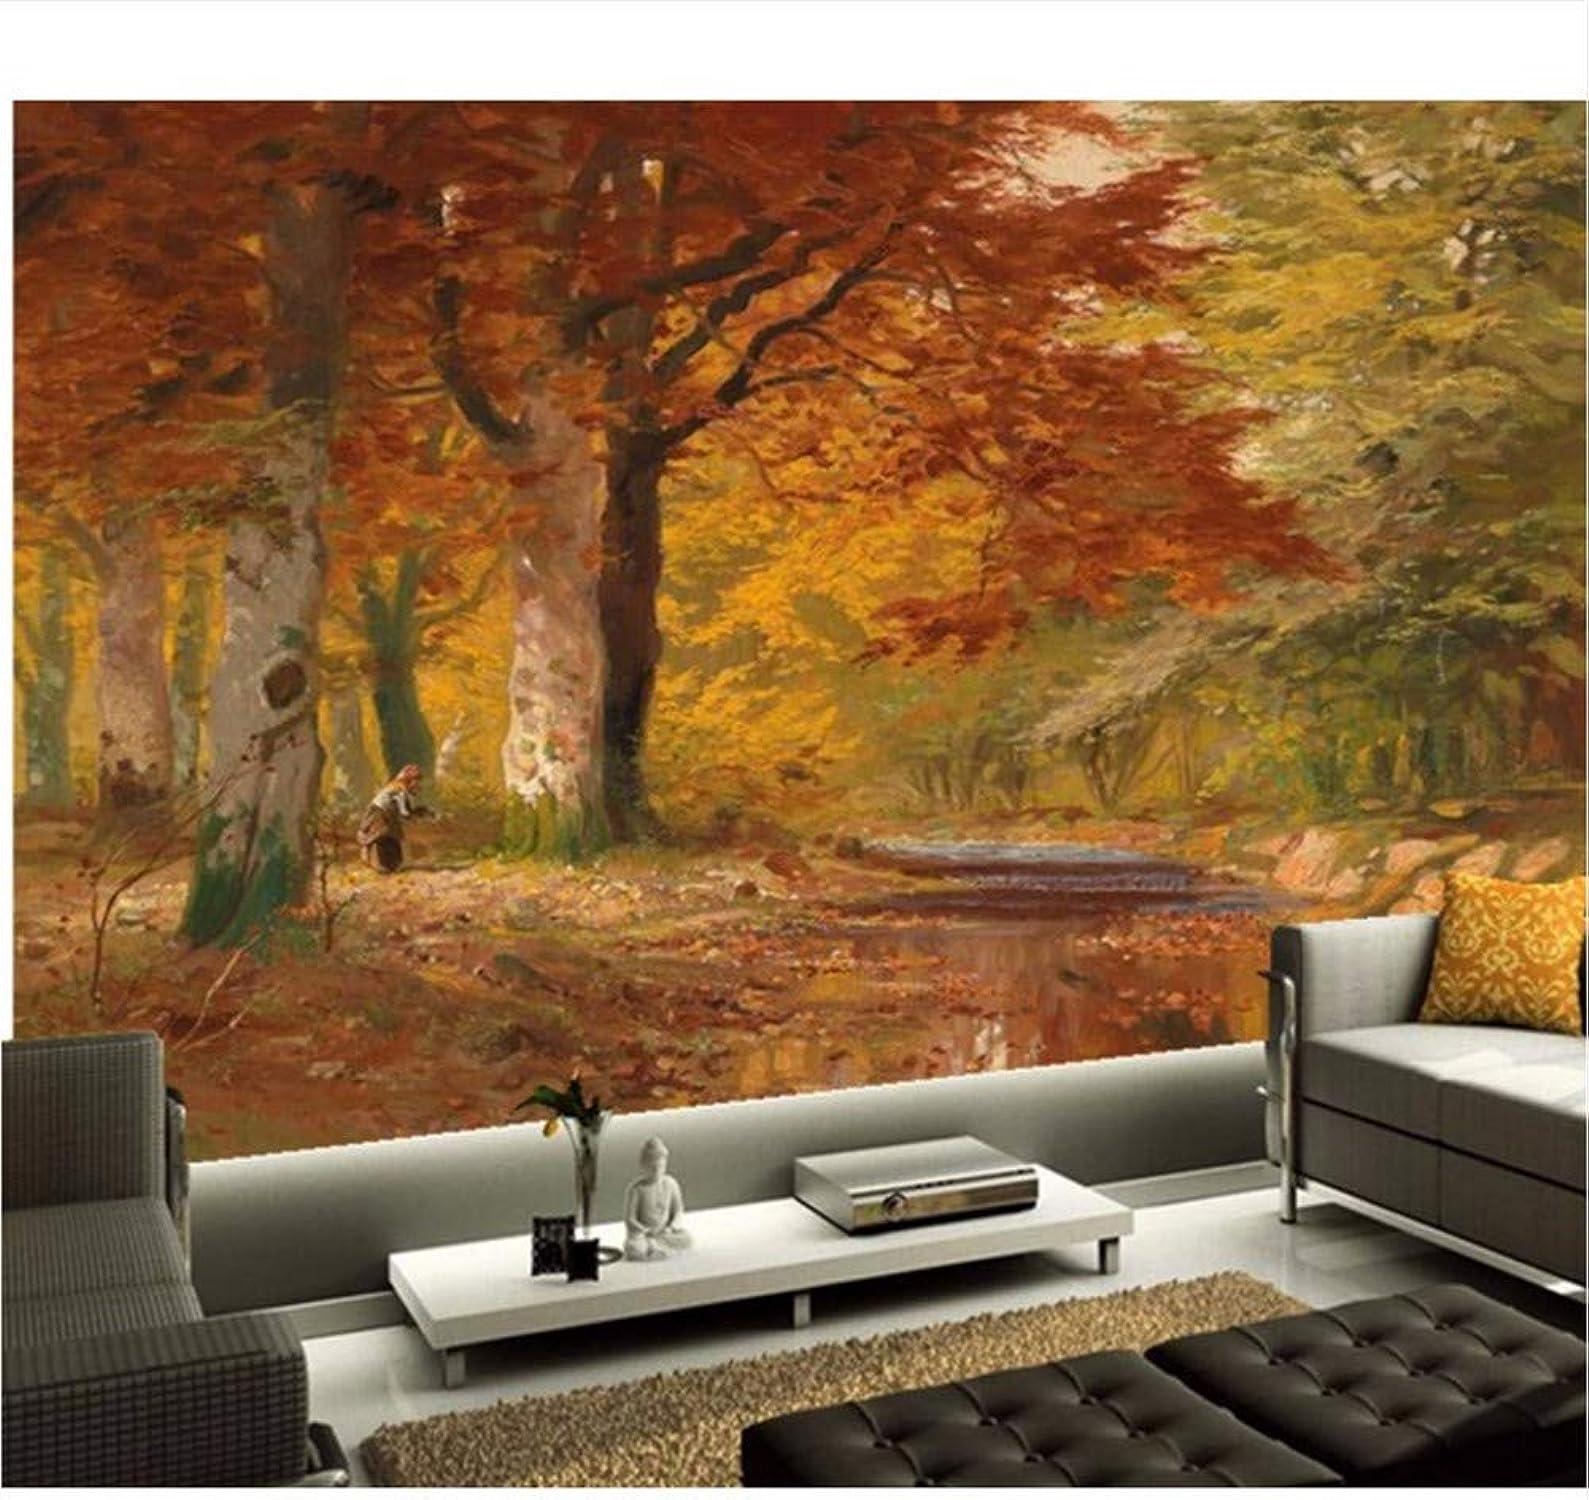 Weaeo Murales 3D Personalizados Otoo Bosque Pintura Al óleo Hotel Restaurante Bar Salón Sofá Tv Parojo Dormitorio Papel Pintado-200X140Cm